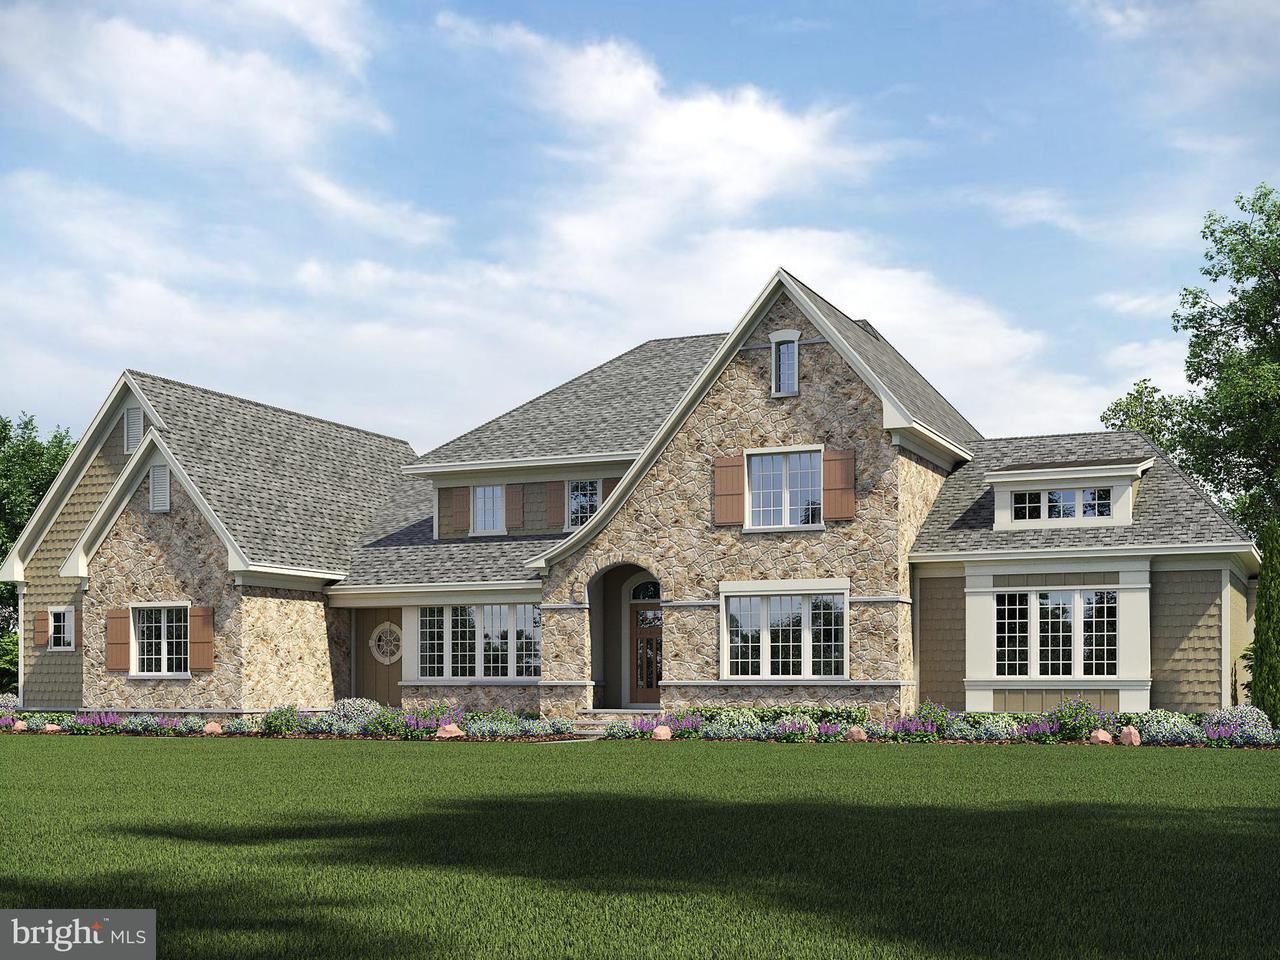 Частный односемейный дом для того Продажа на Willow Brook Lane Willow Brook Lane Fairfax, Виргиния 22030 Соединенные Штаты